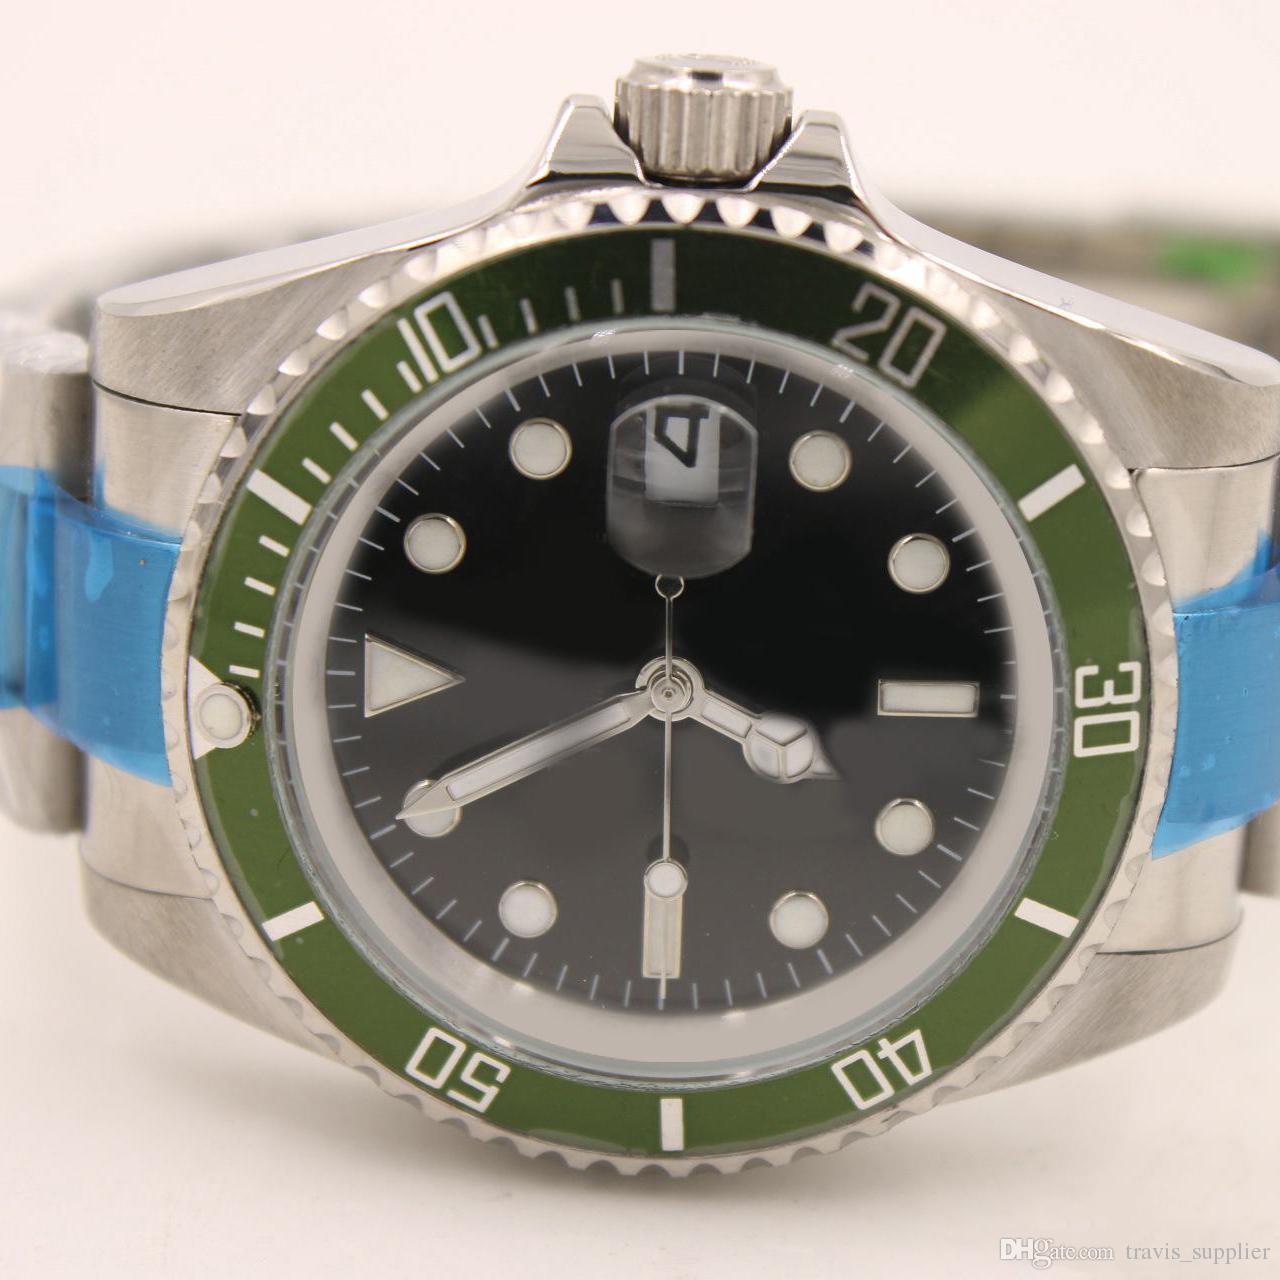 Orologio da uomo di lusso in vetro zaffiro orologi uomo misura 41mm Nero vetro zaffiro aaa orologi di lusso Orologio aaa qualità 54